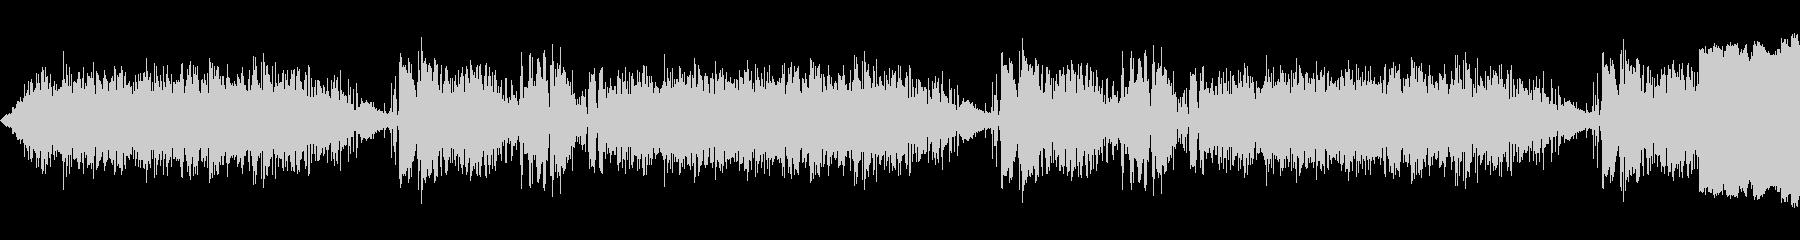 ラジオスタティック1の未再生の波形